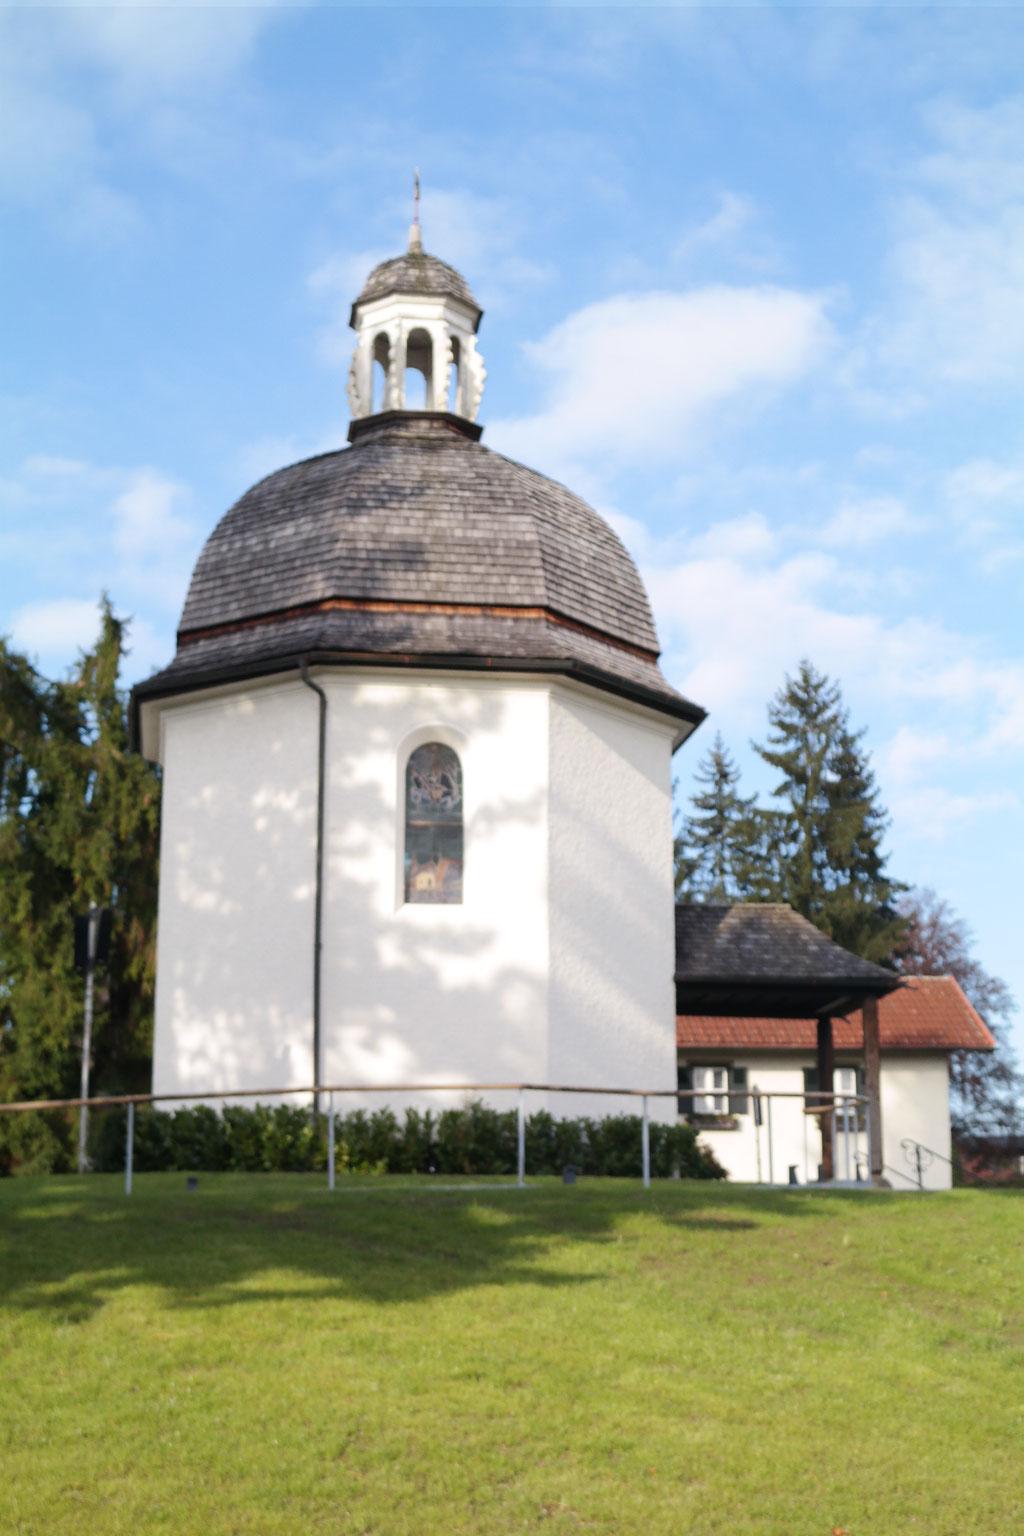 Stille Nacht Kapelle in Oberndorf bei Salzburg. Gendenkstätte des weltbekannten Weichnachstsliedes.